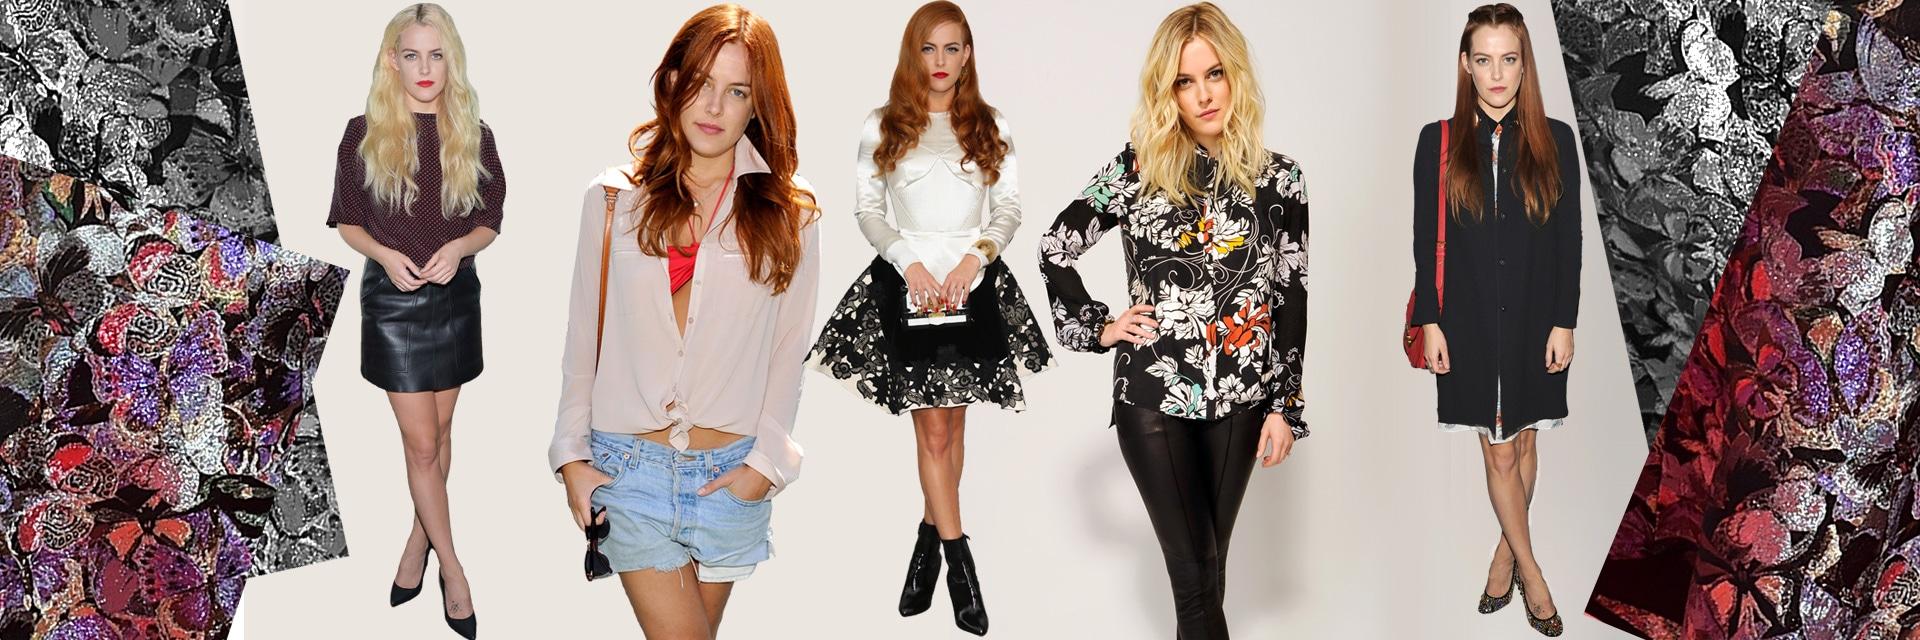 Riley Keough fashion icon della settimana